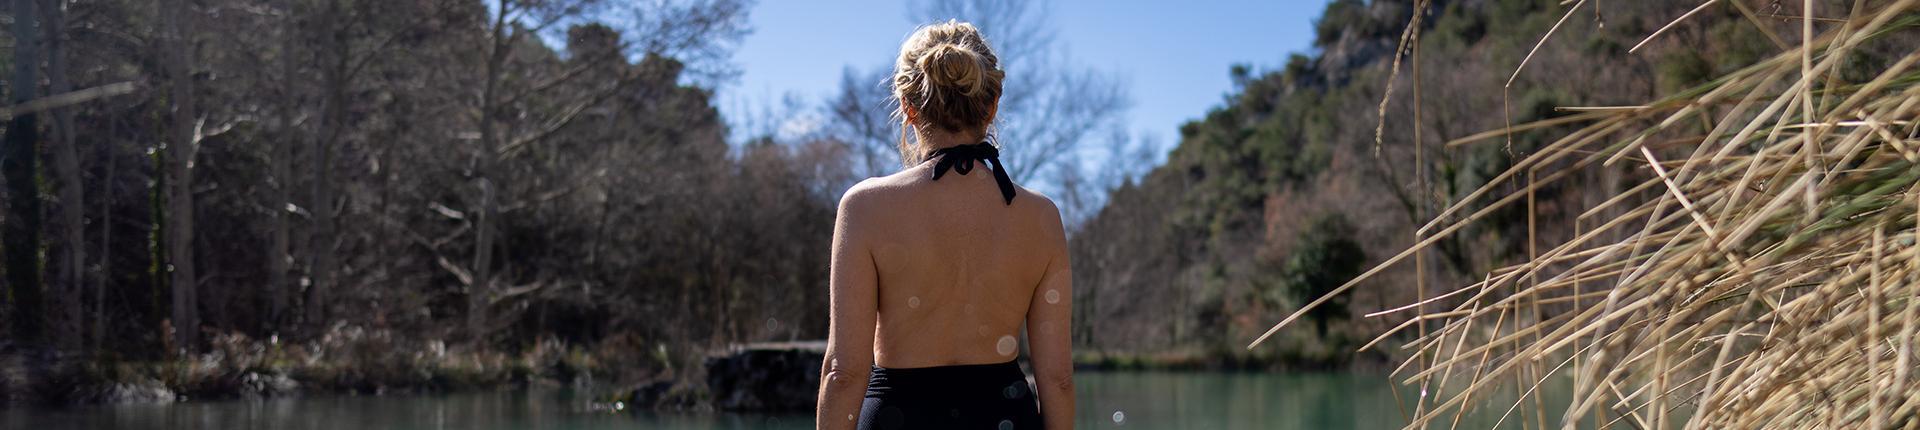 Image femme dans un lac